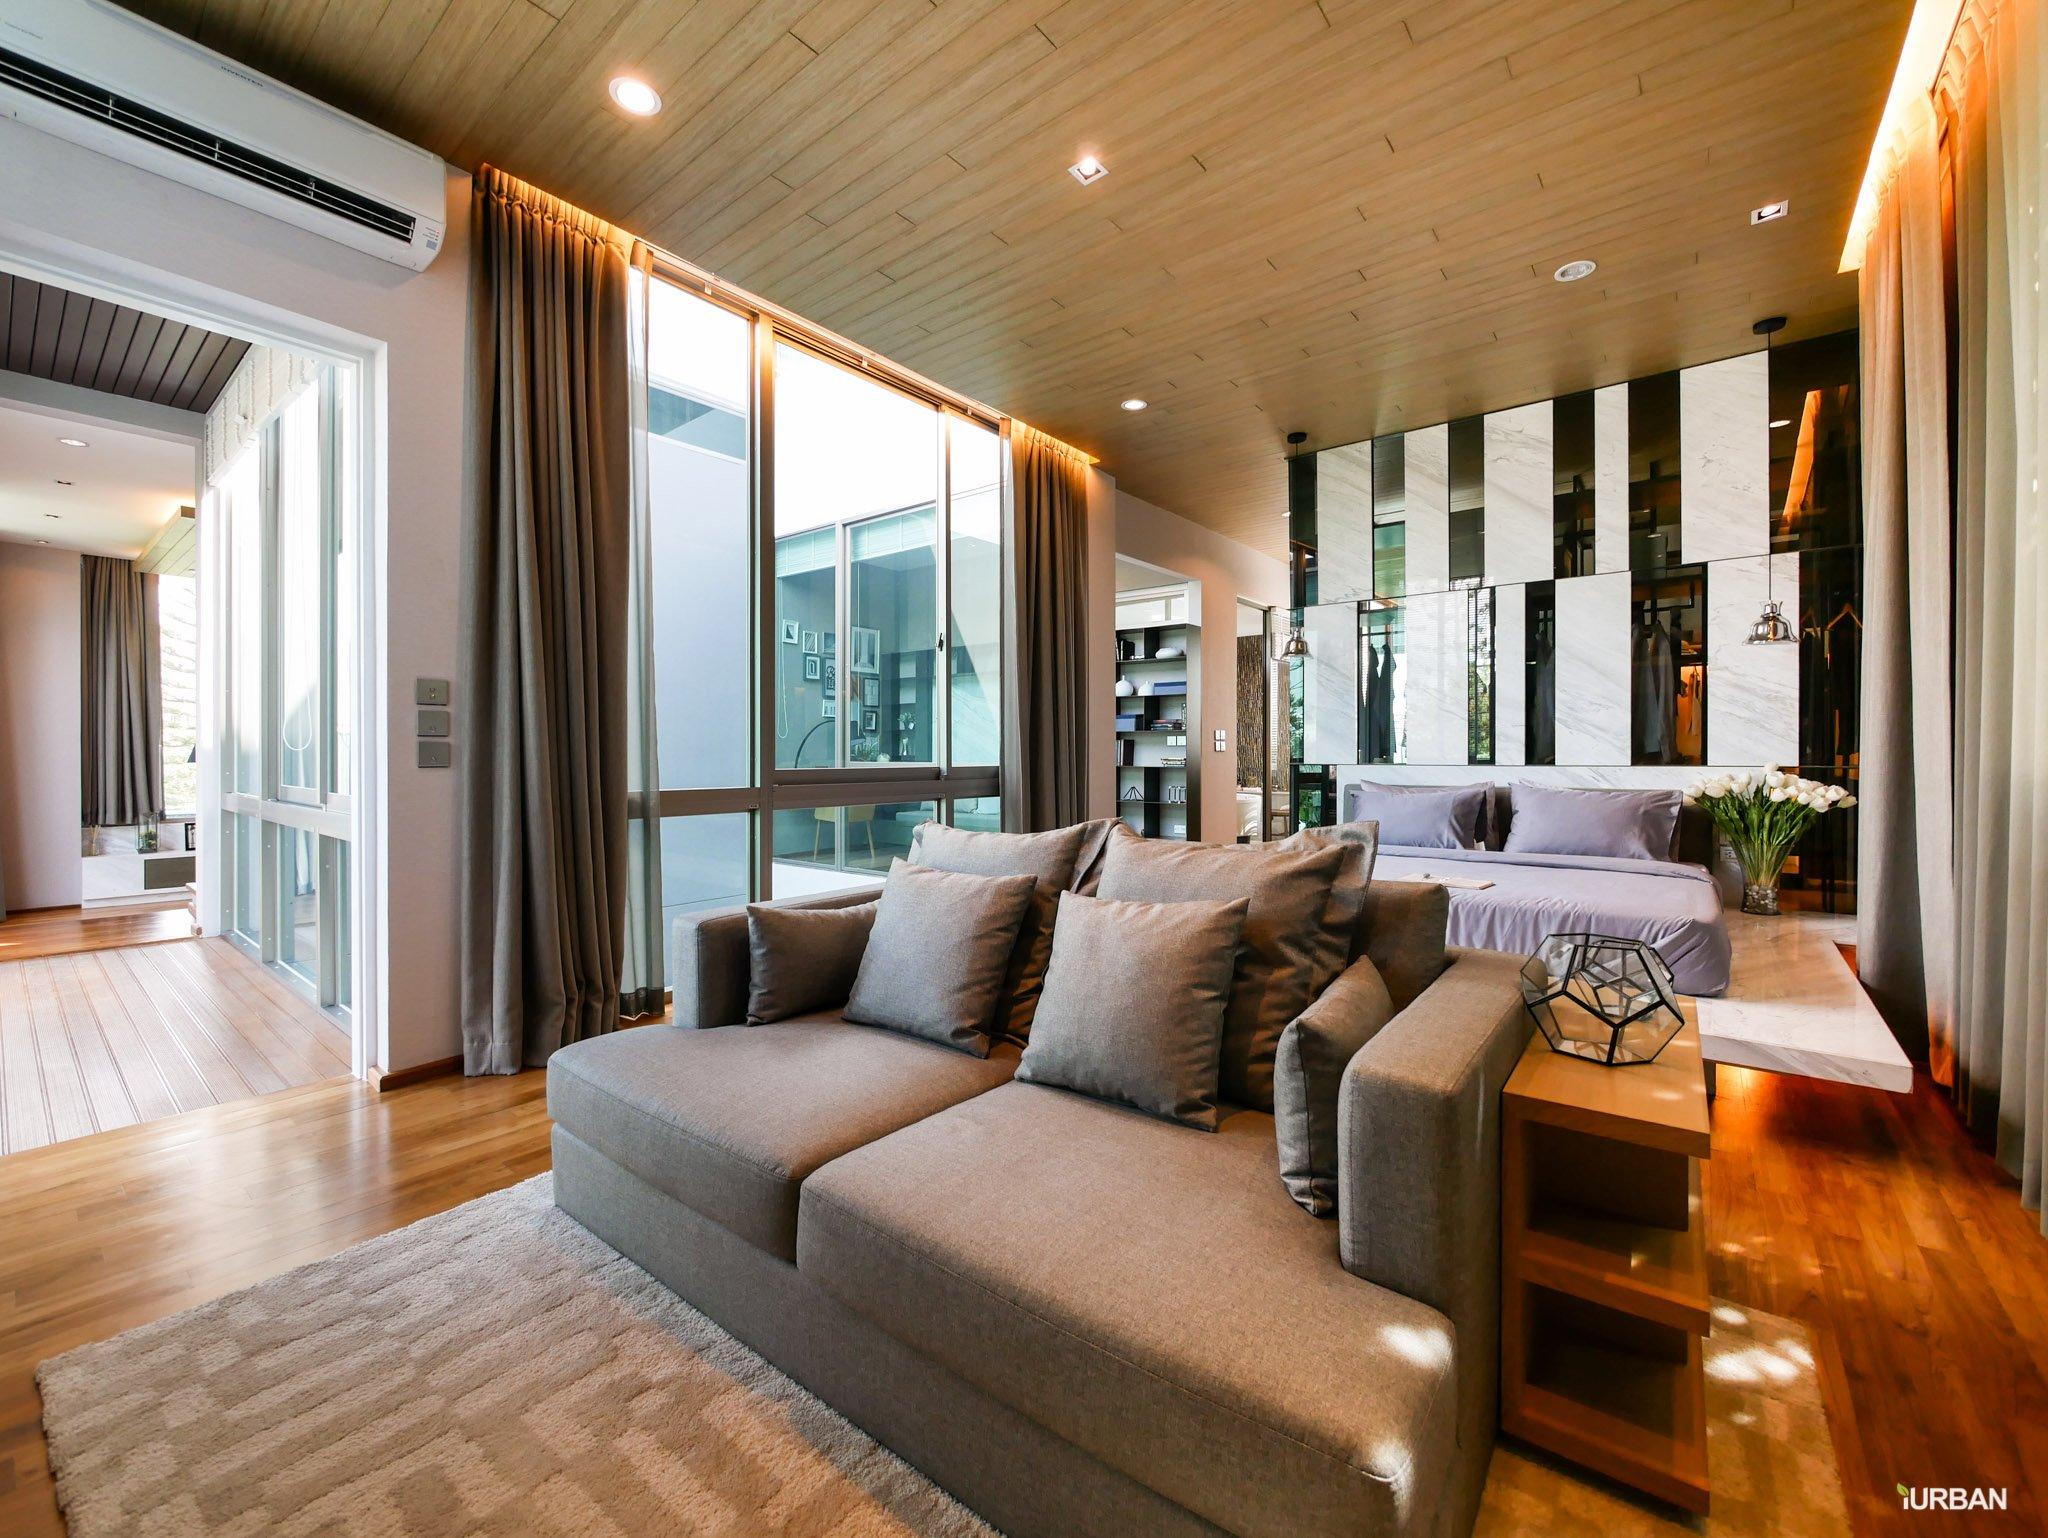 รีวิว Nirvana Beyond พระราม 2 บ้านที่ออกแบบทุกดีเทลเพื่อความสุขทุก GEN ของครอบครัวใหญ่ 112 - Beyond